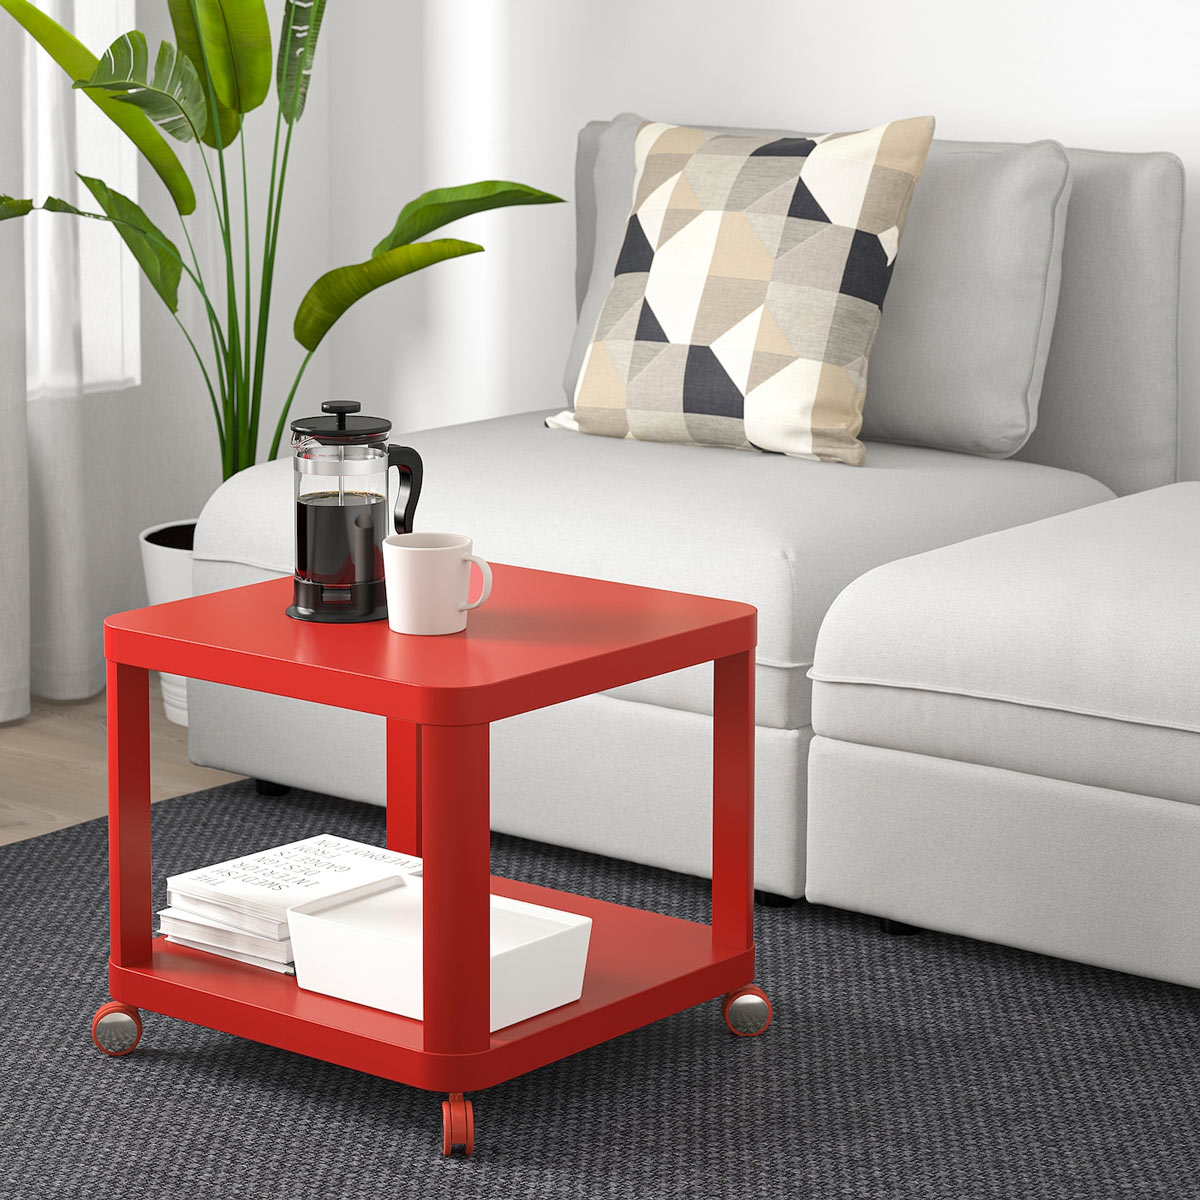 tavolino da salotto IKEA moderno rosso